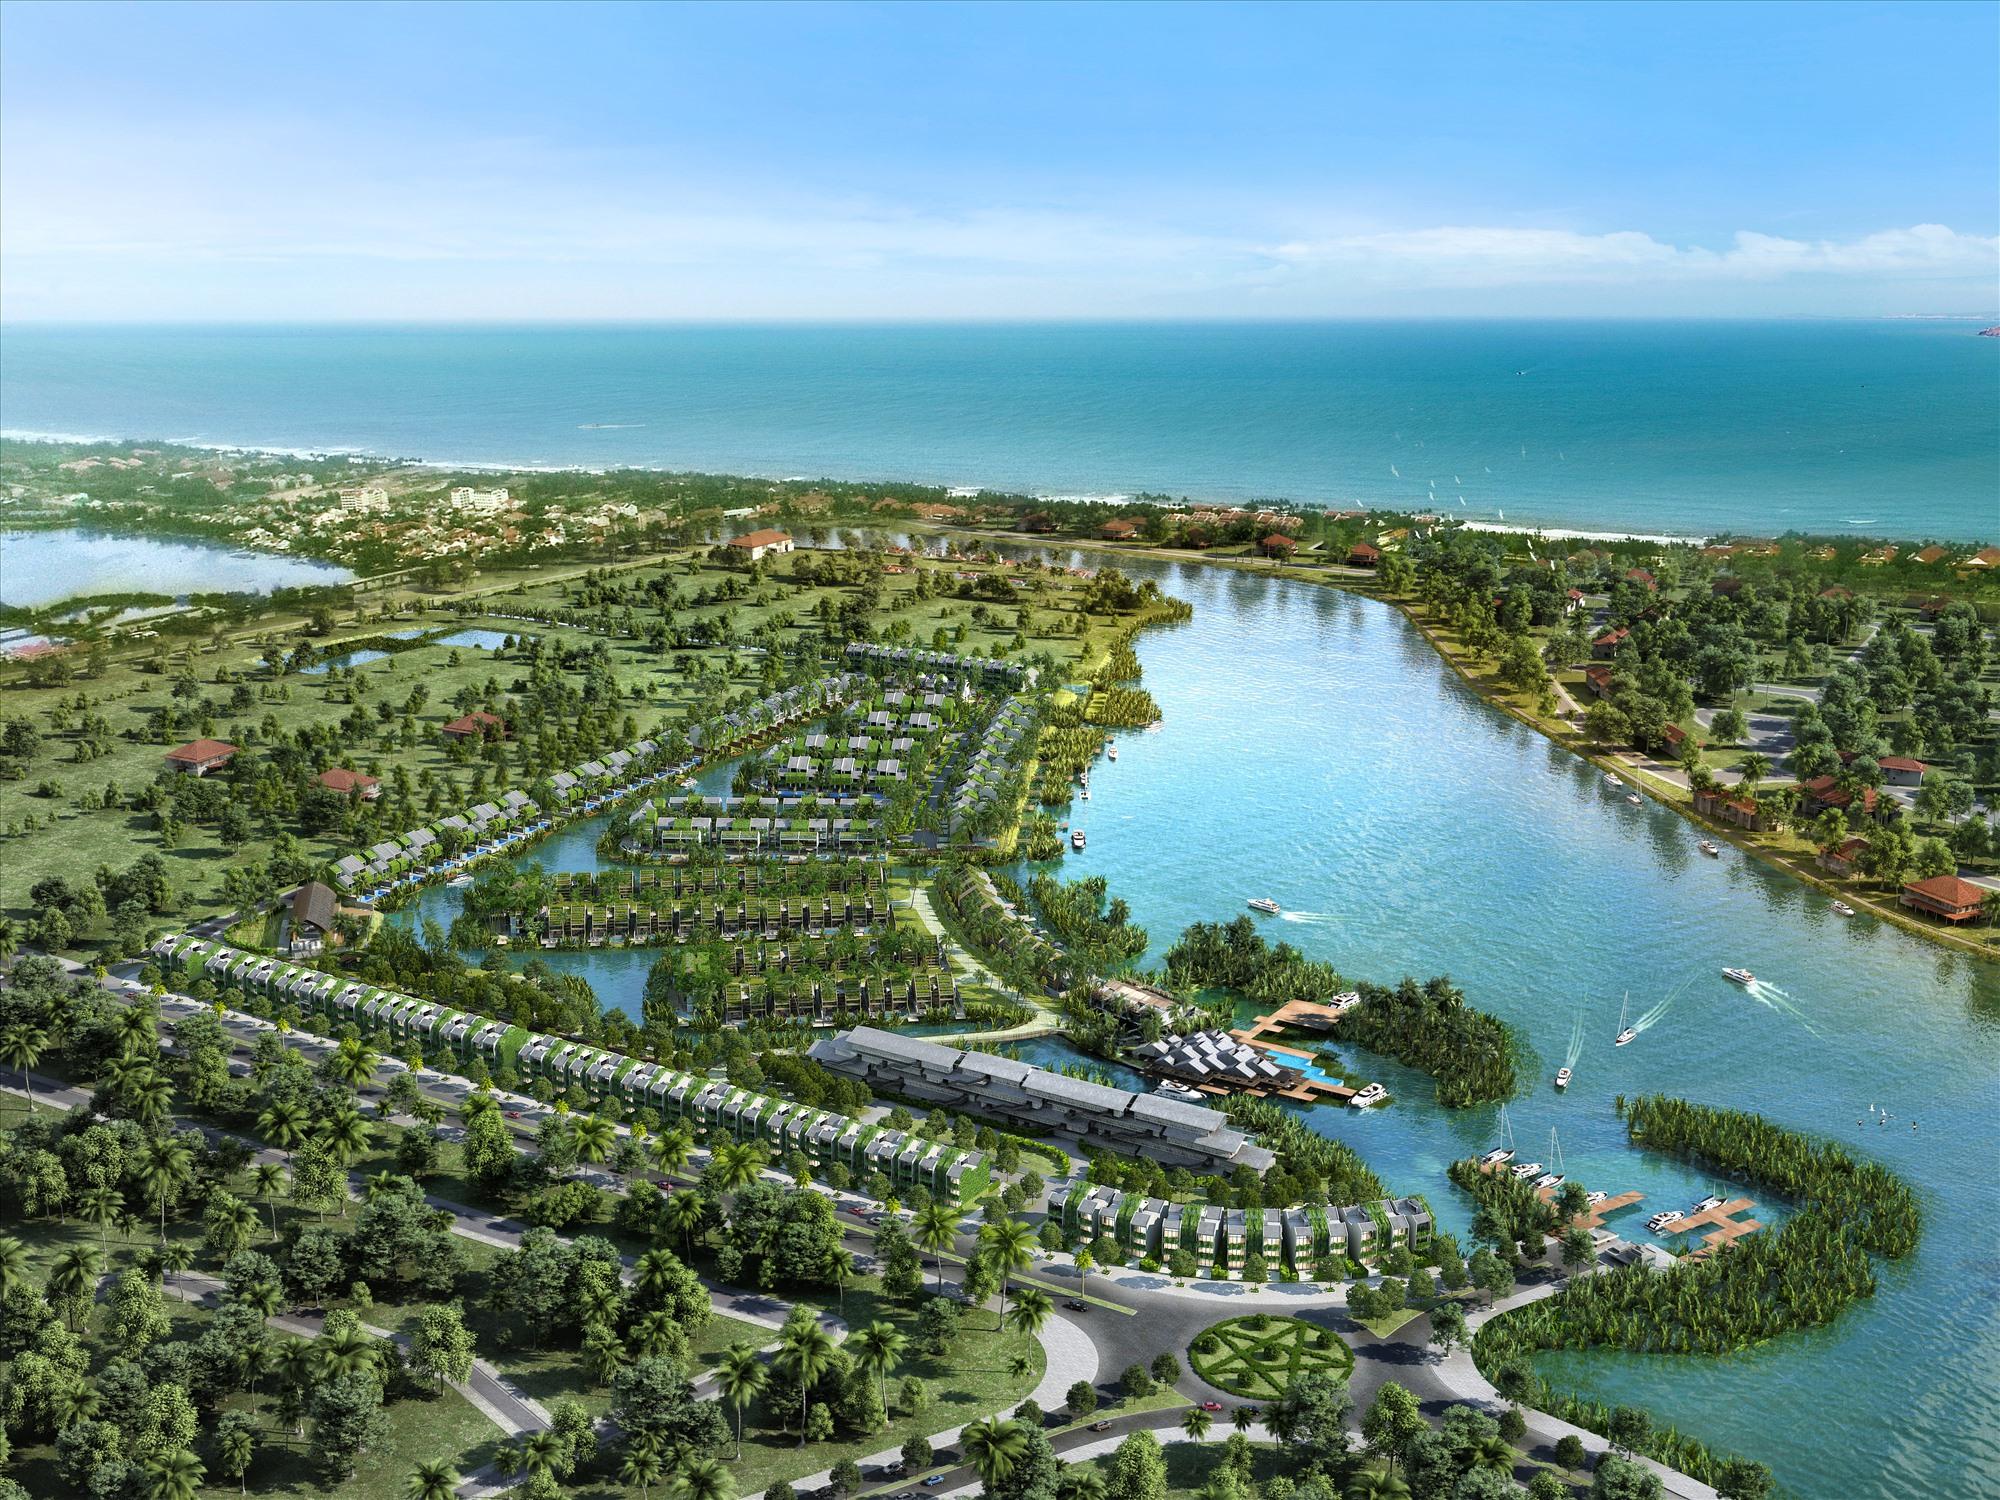 Toàn cảnh dự án Casamia Hội An với ưu thế cận sông, hướng biển.